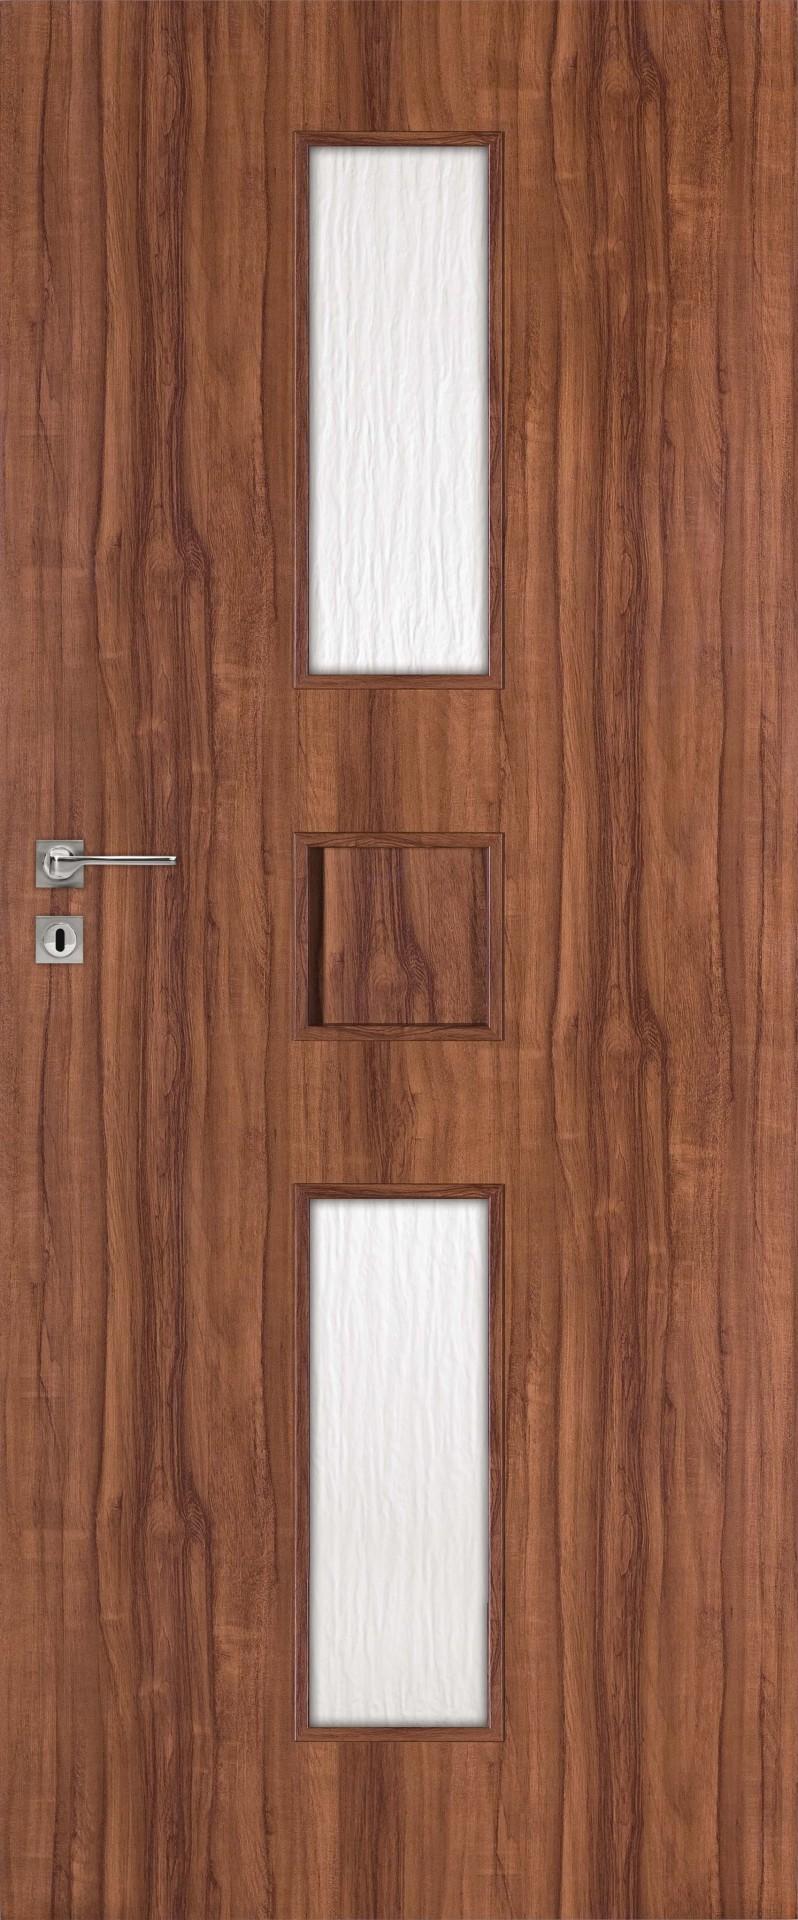 Dre dveře IDEA 110, Šíře v cm 80